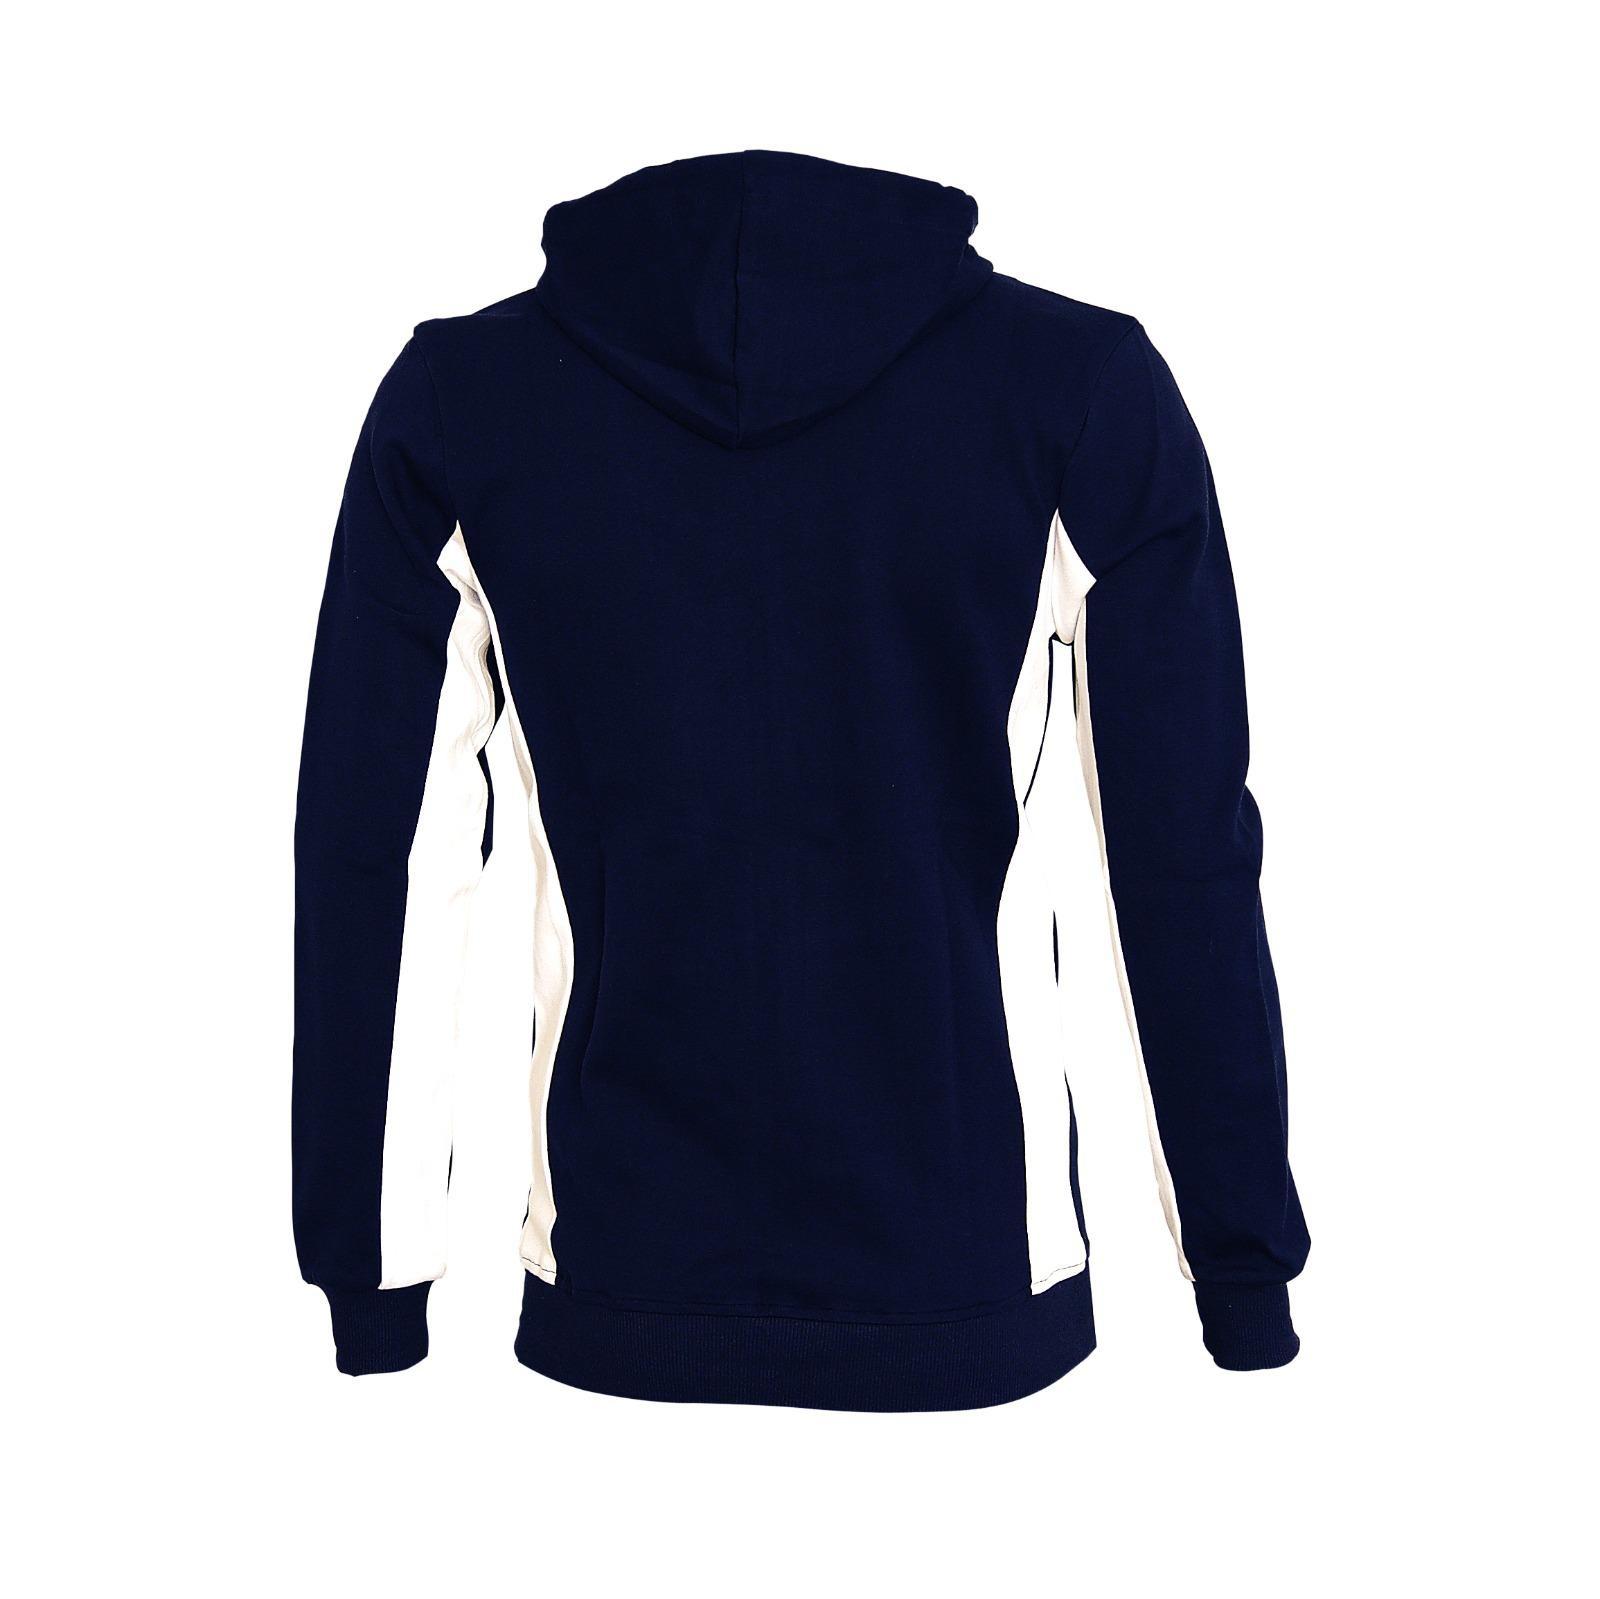 Icelus Clothing Icelus Fleece Jacket Blue